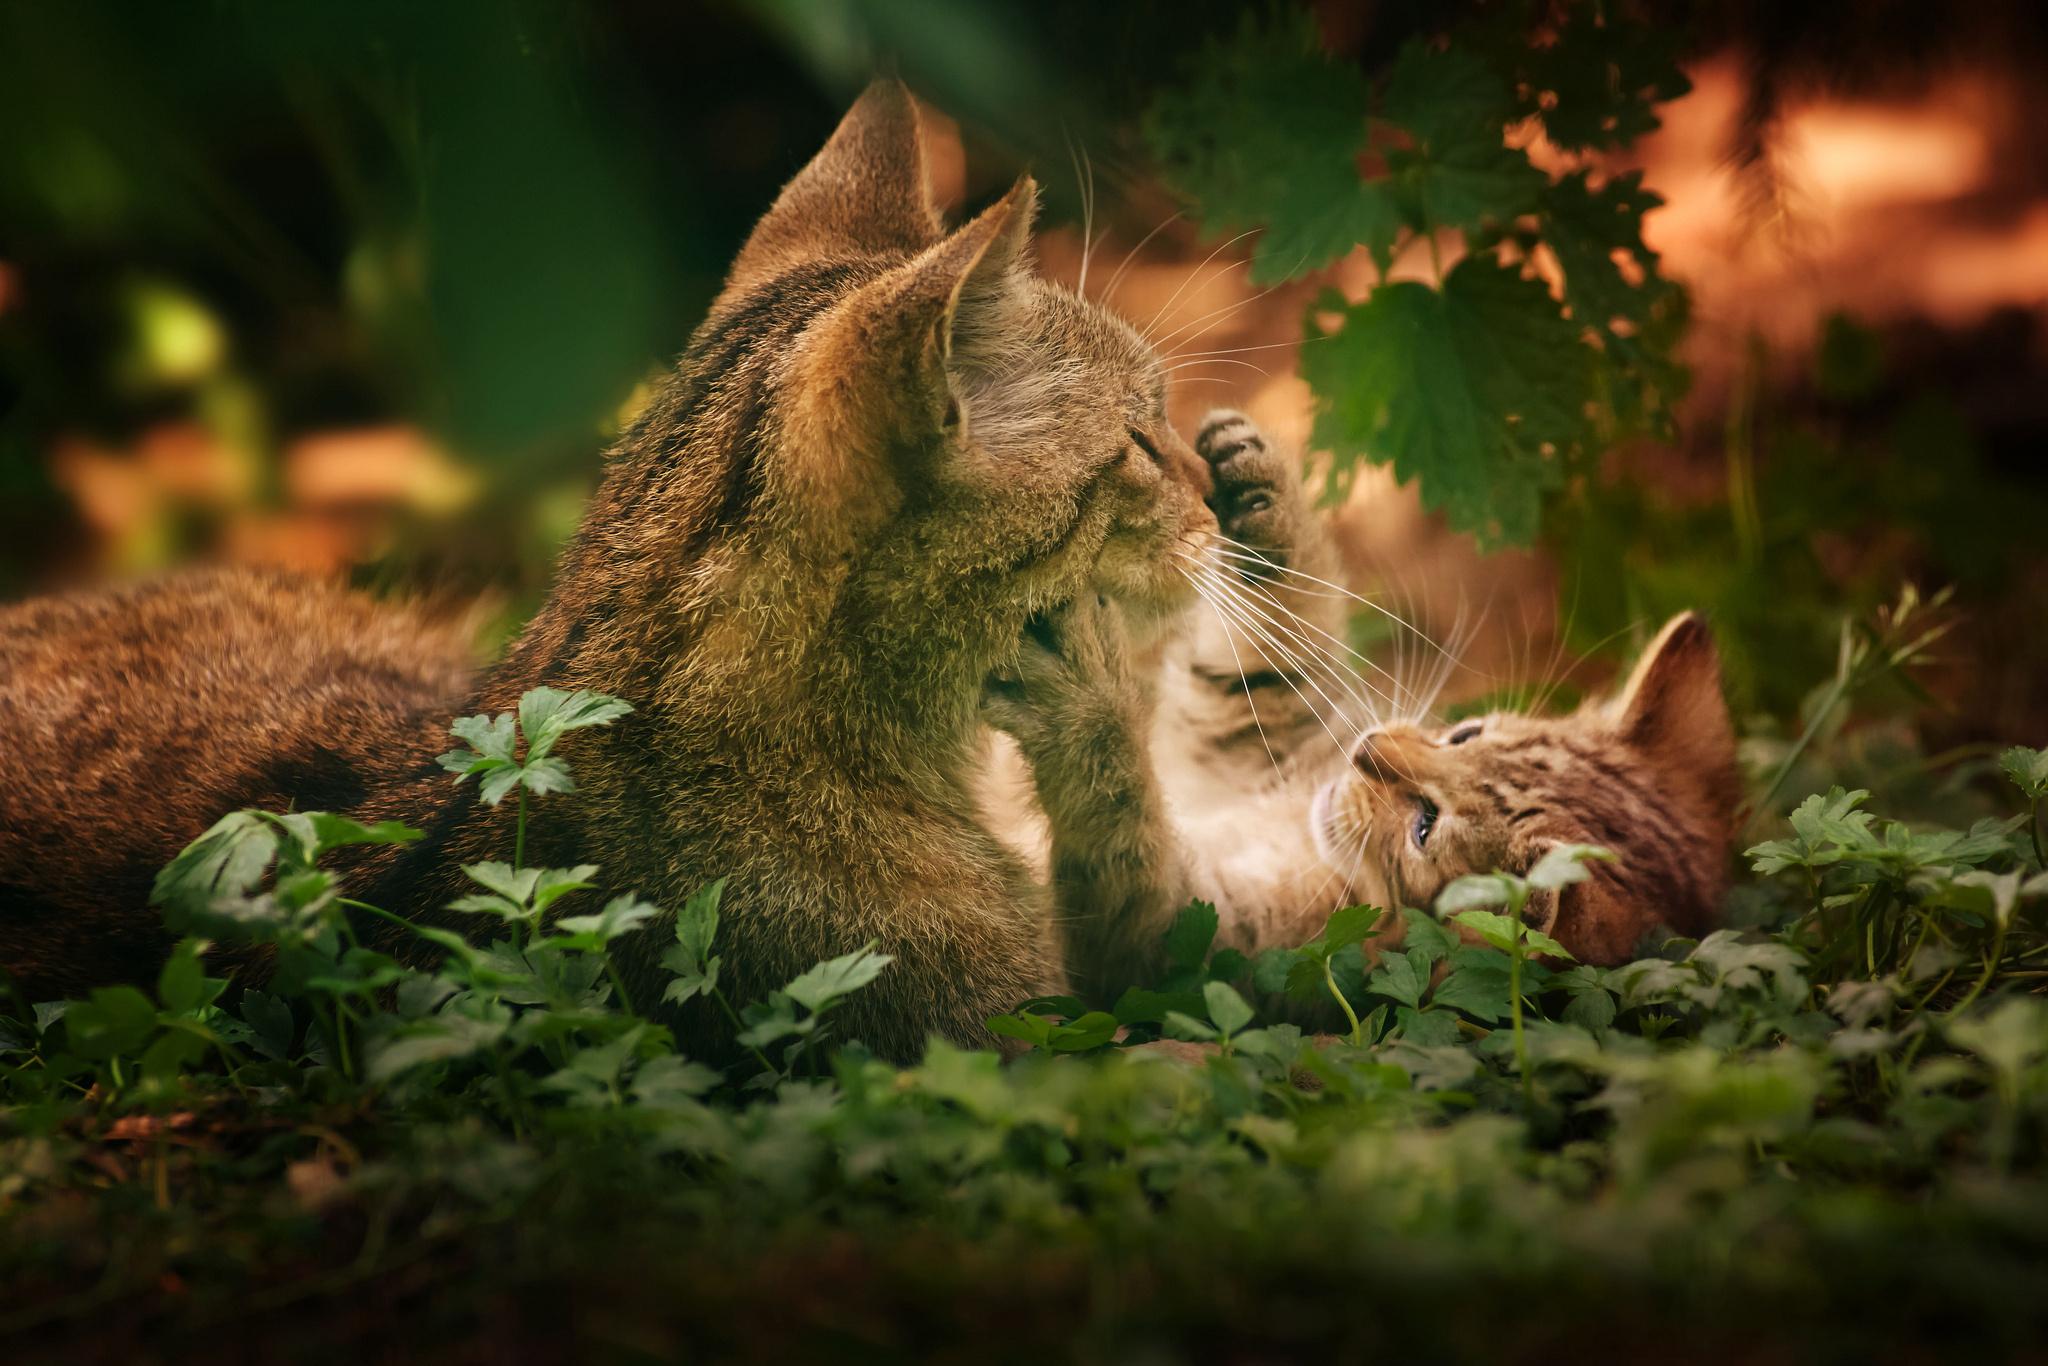 Котенок играющий с кошкой в траве  № 1994886 загрузить